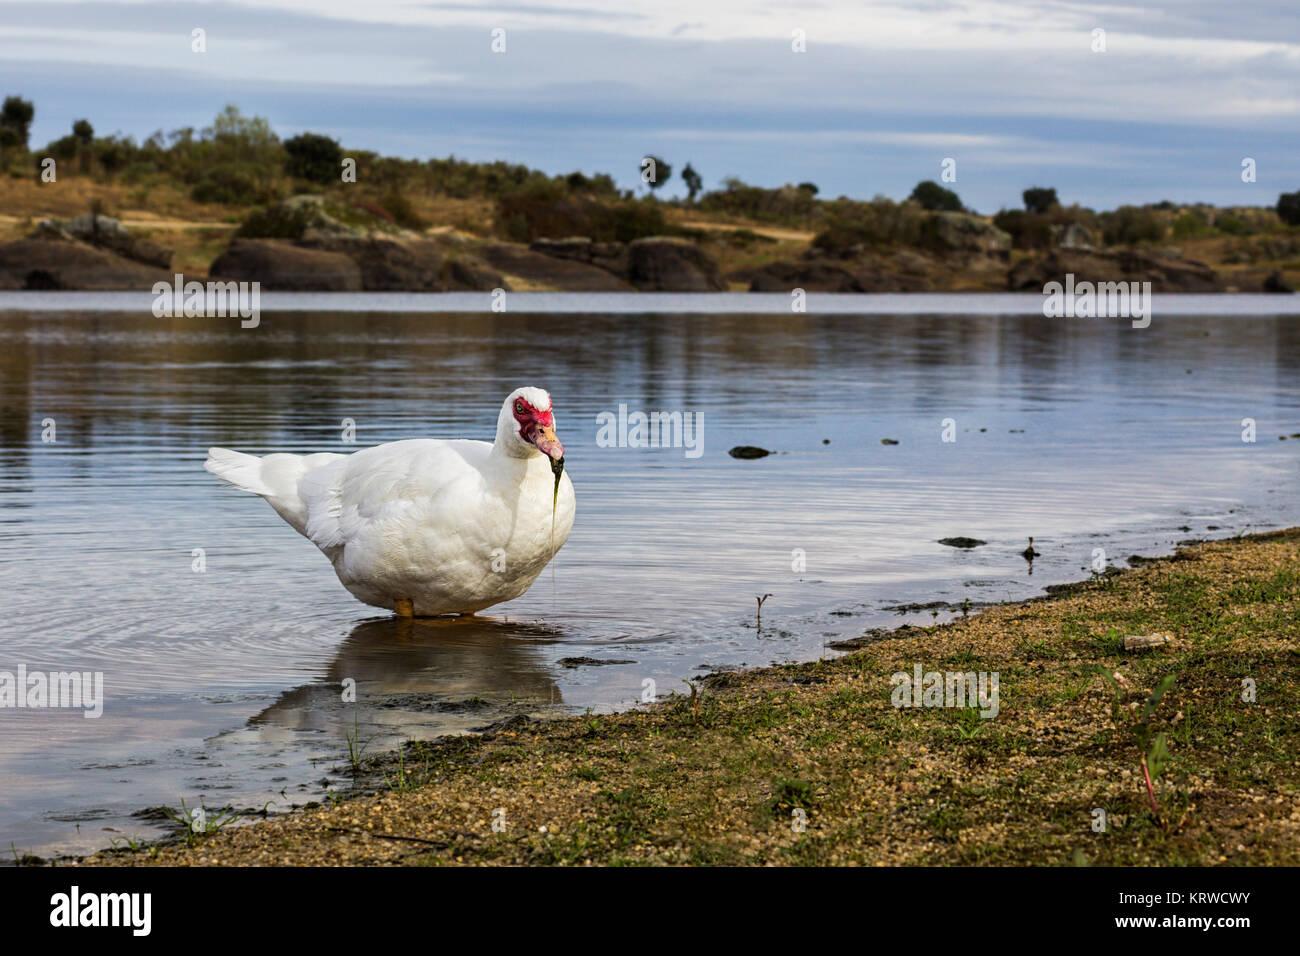 Pato fotografiados en su entorno natural. Imagen De Stock